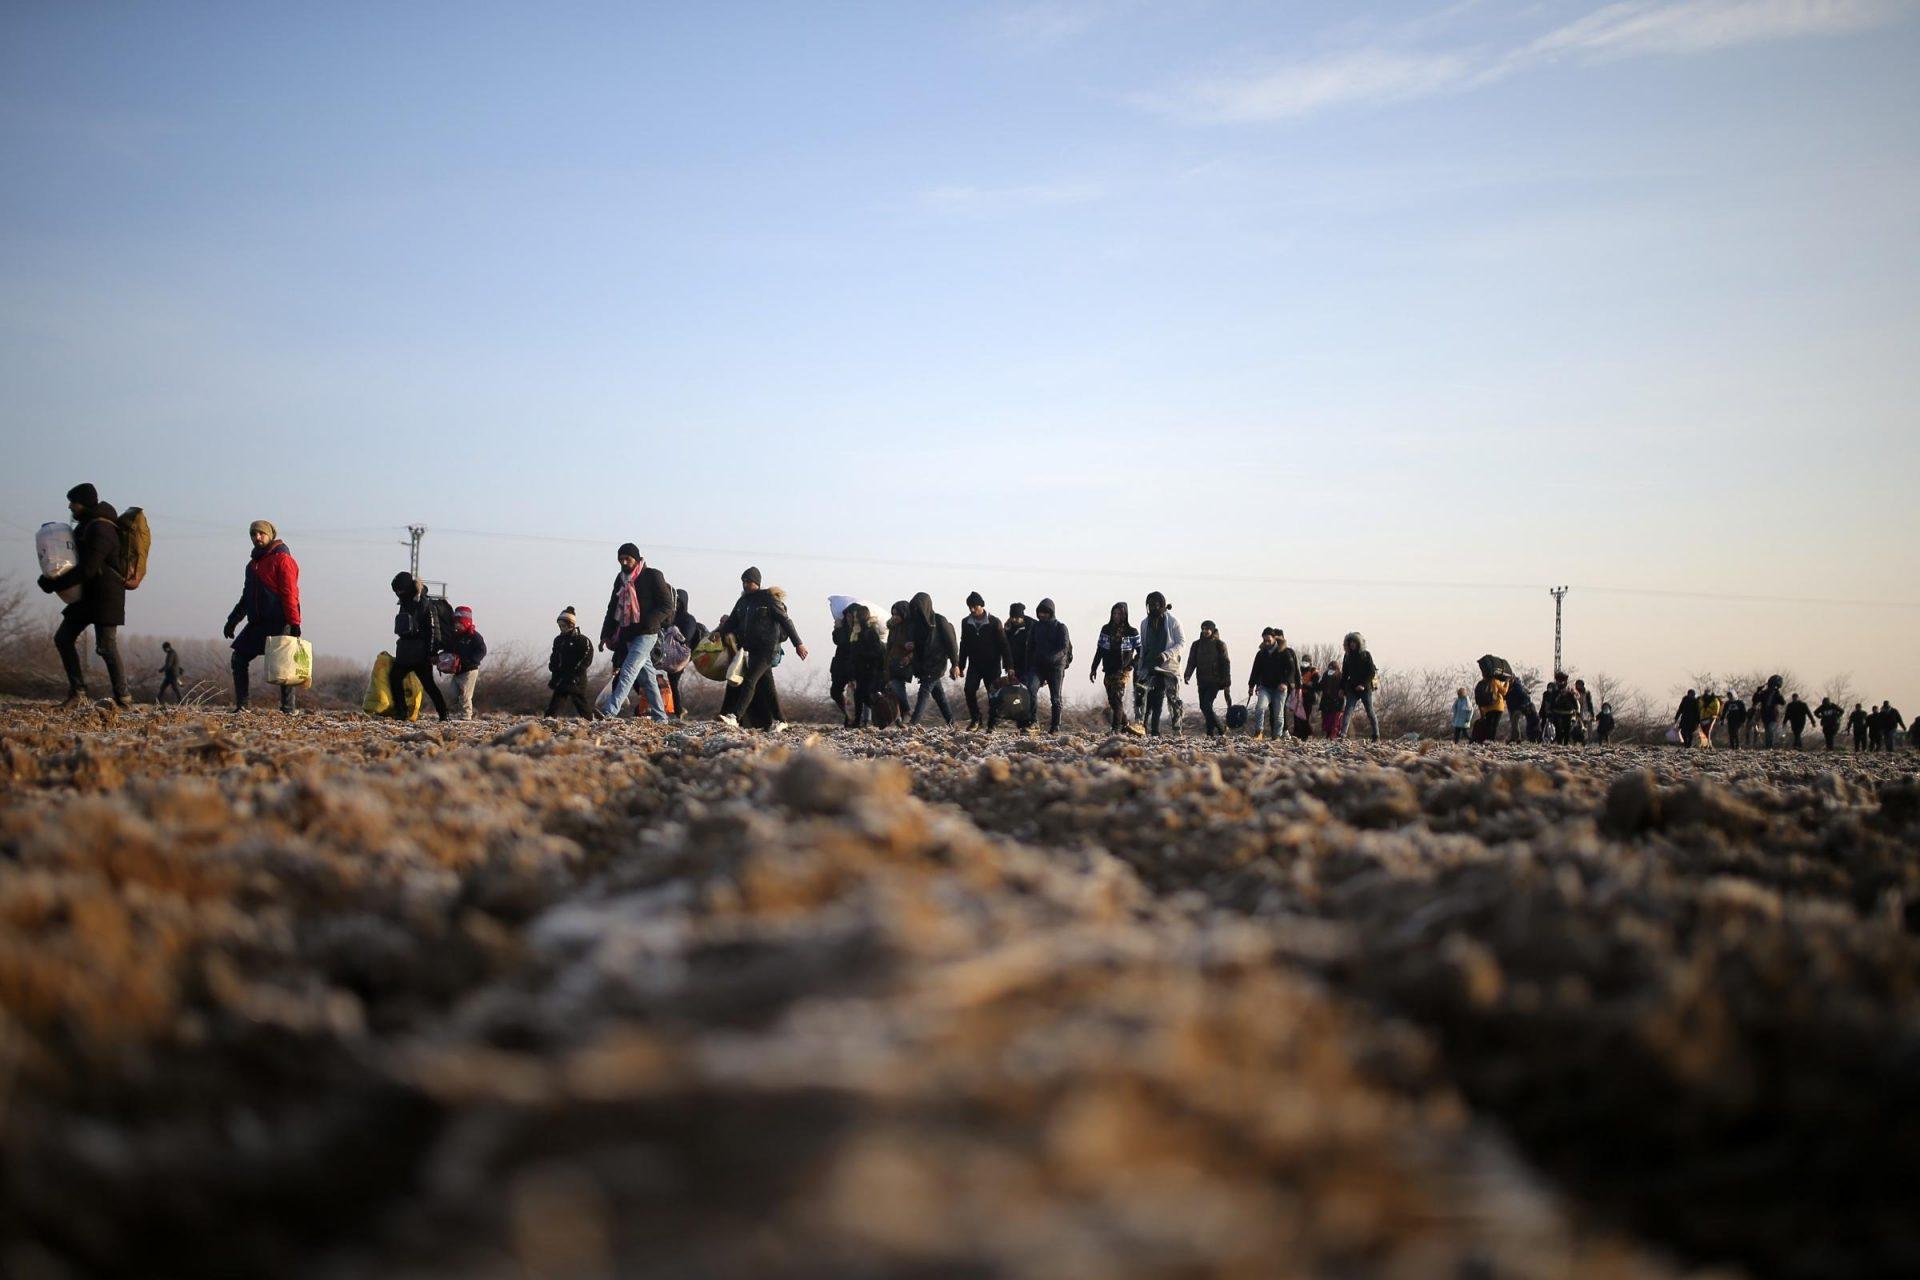 Grecia, față în față cu un val de migranți, susține că a fost victima unui fake news al Turciei